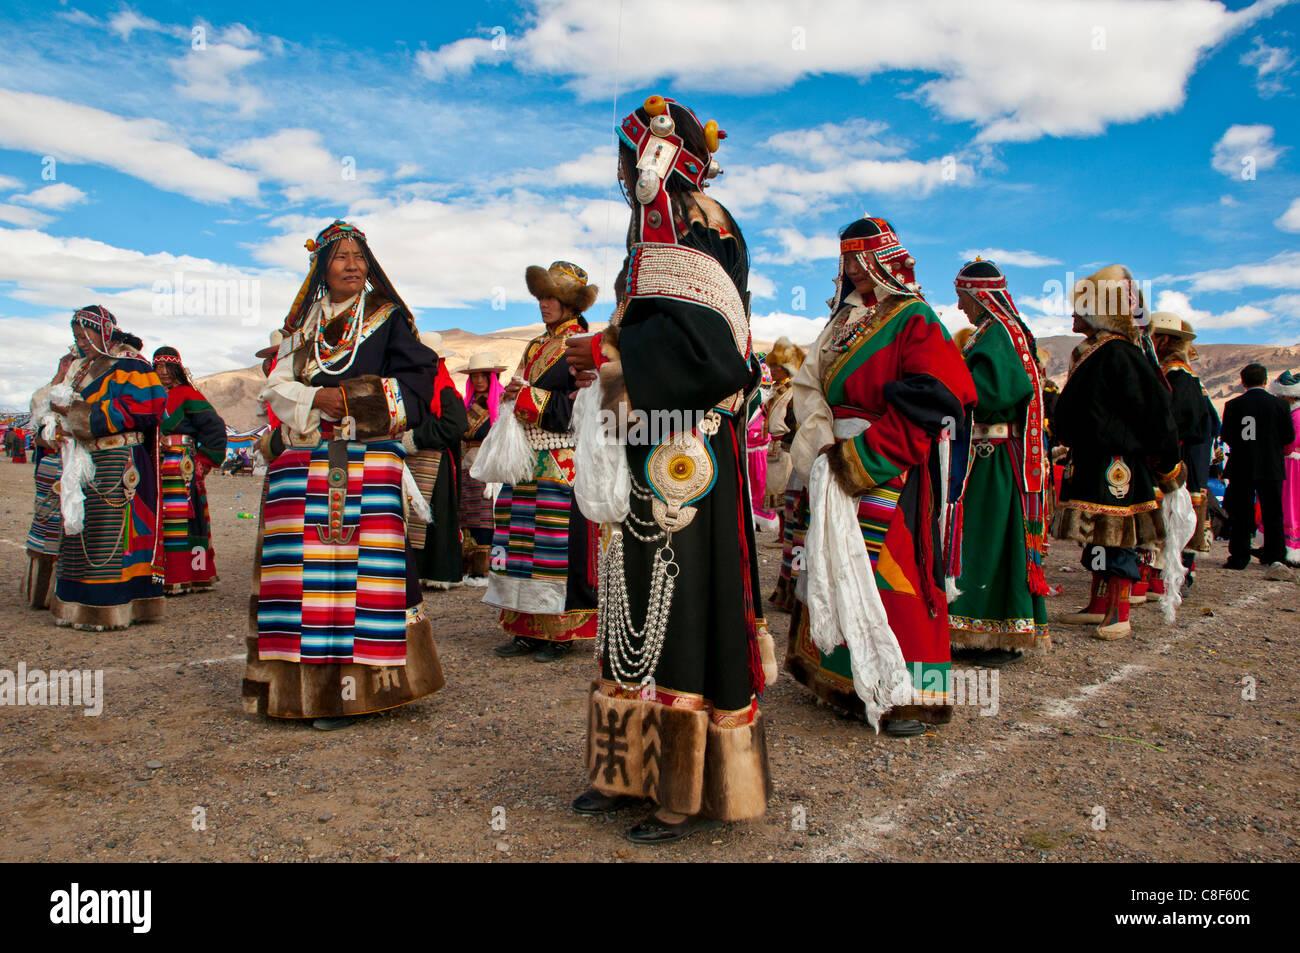 Tradizionalmente condita tibetani che partecipano ad un festival locale, Gerze, Tibet, Cina Immagini Stock